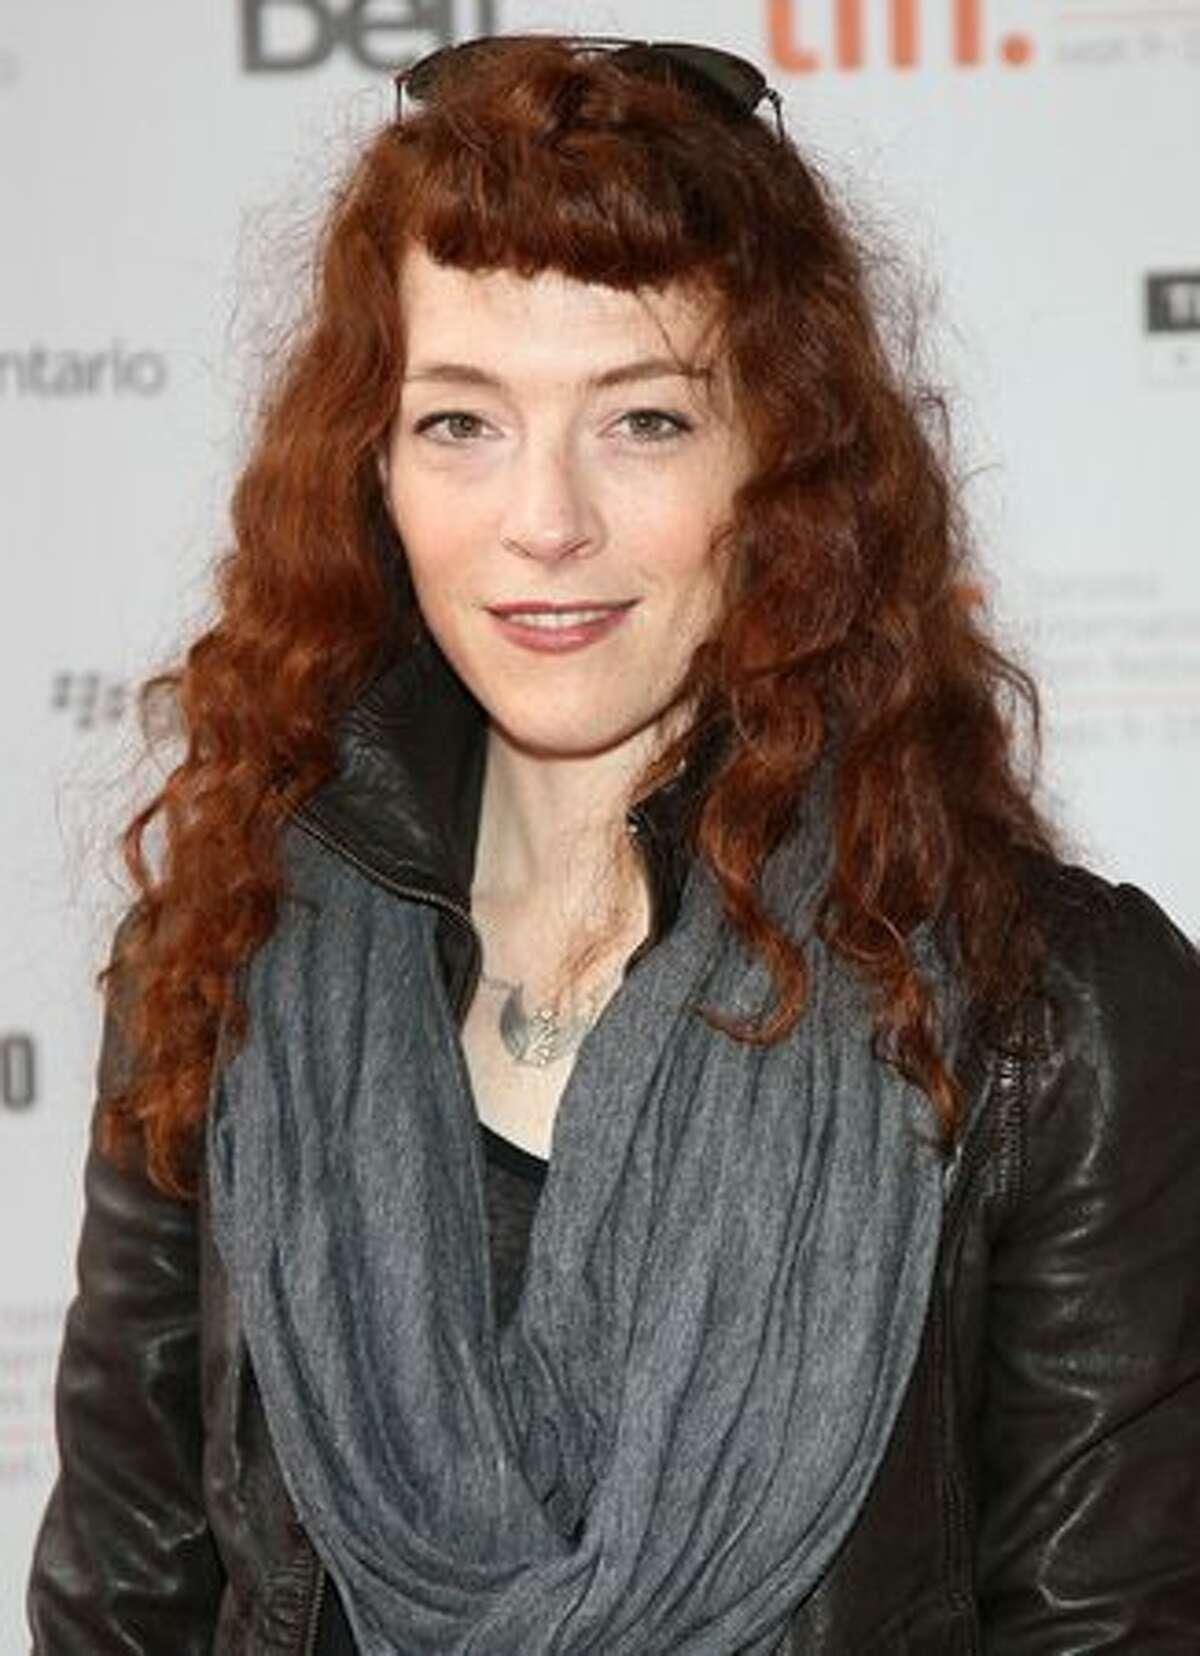 Musician Melissa Auf der Maur attends the